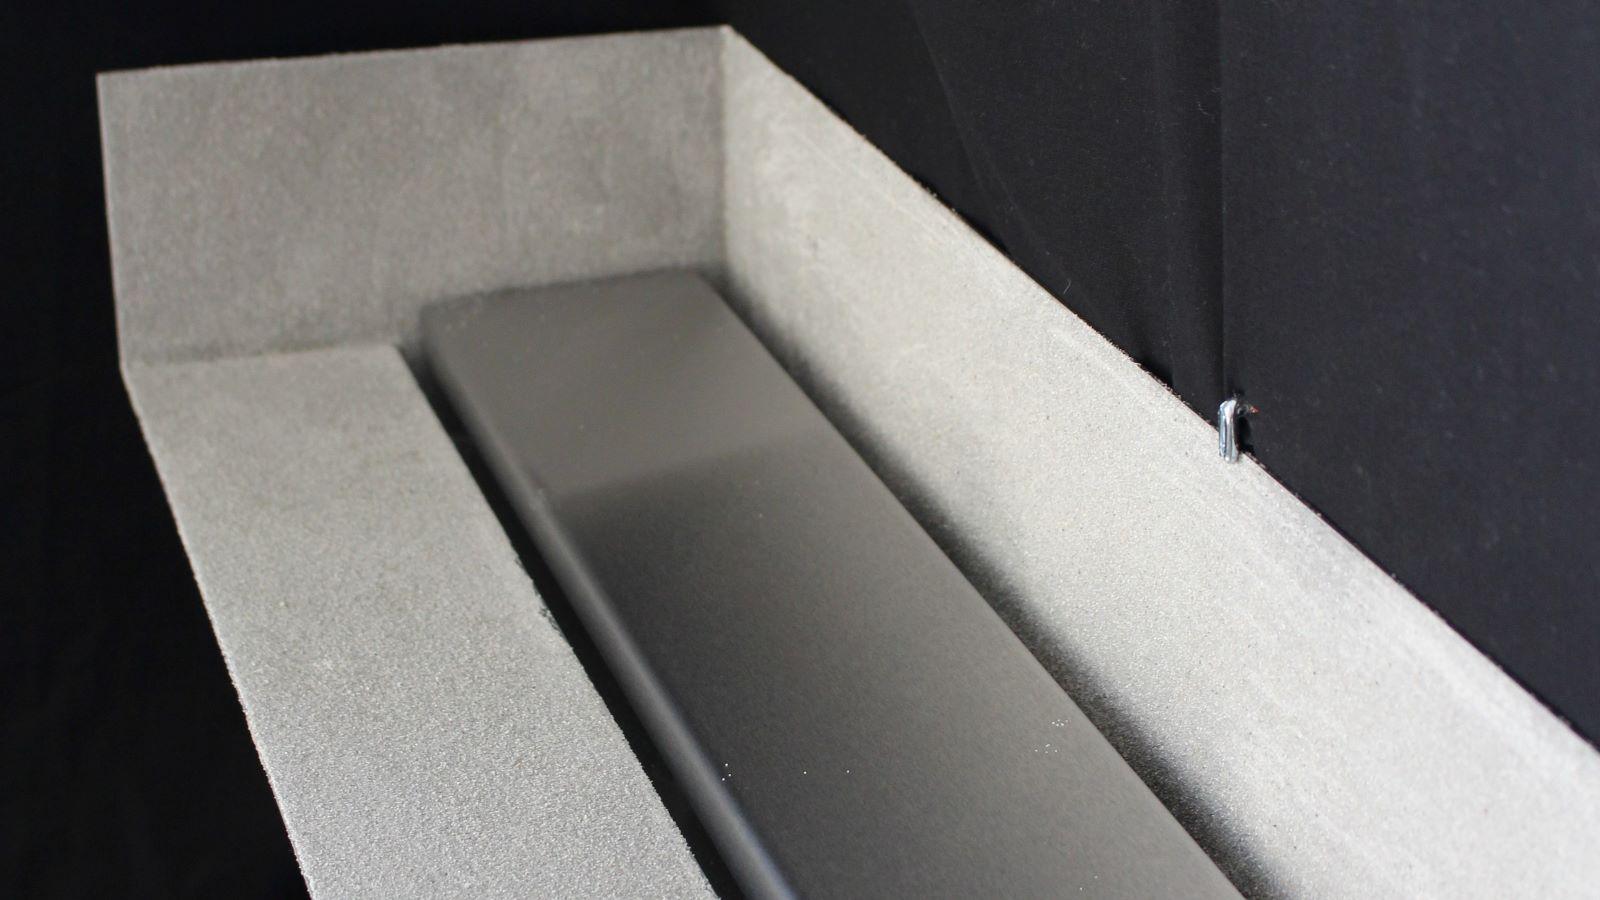 Abgebildet ist die robuste, nicht rostende Vv4a edelstahl-duschrinne pro s mit dem ueber die gesamte laenge der reihenduschrinne integrierten sandfang / schlammfang / schmutzfang. Die hochwertige, langlebige abdeckung aus gebuerstetem v4a edelstahl ist sehr pflegeleicht. Sie wird ohne werkzeug einfach zur reinigung der reihenduschrinne mit sandfang duschrinne pro s abgenommen. Diese reihenduschrinne mit ihren optimalen sonderanfertigungen fuer jeden einbau ist ideal geeignet fuer strandduschen, duschen auf campingplaetzen und auf sportplaetzen, bei denen viel sand in die dusche eingetragen wird.